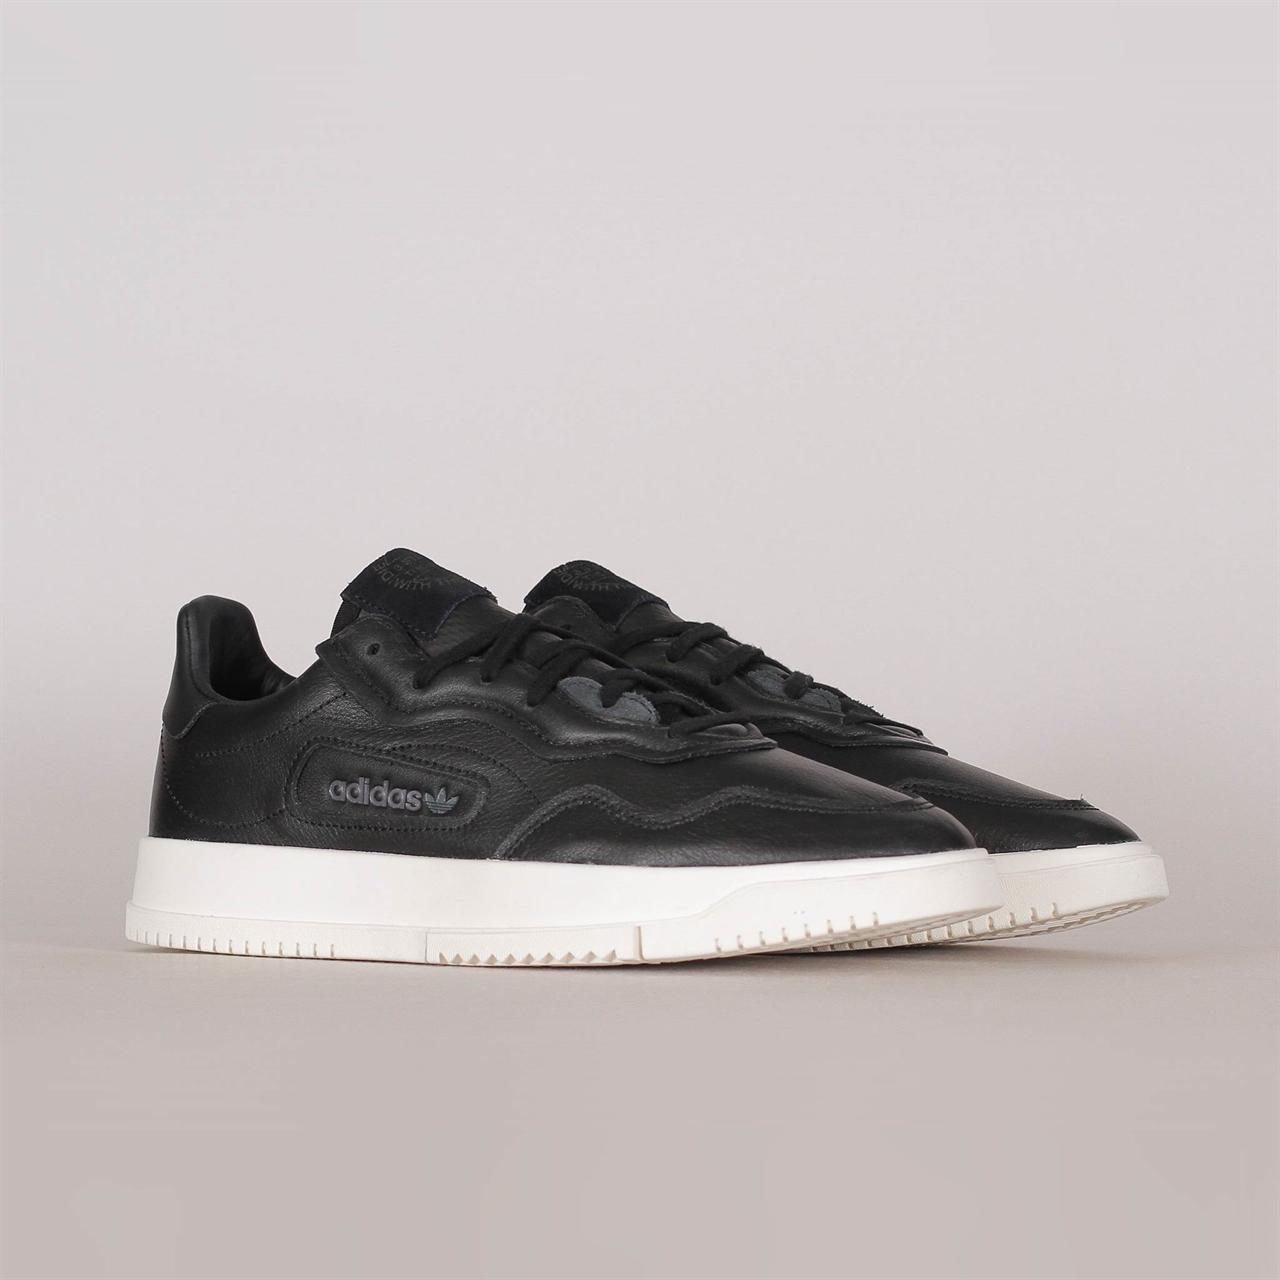 d6032d2174fe5 Shelta - Adidas Originals SC Premiere Black (BD7869)